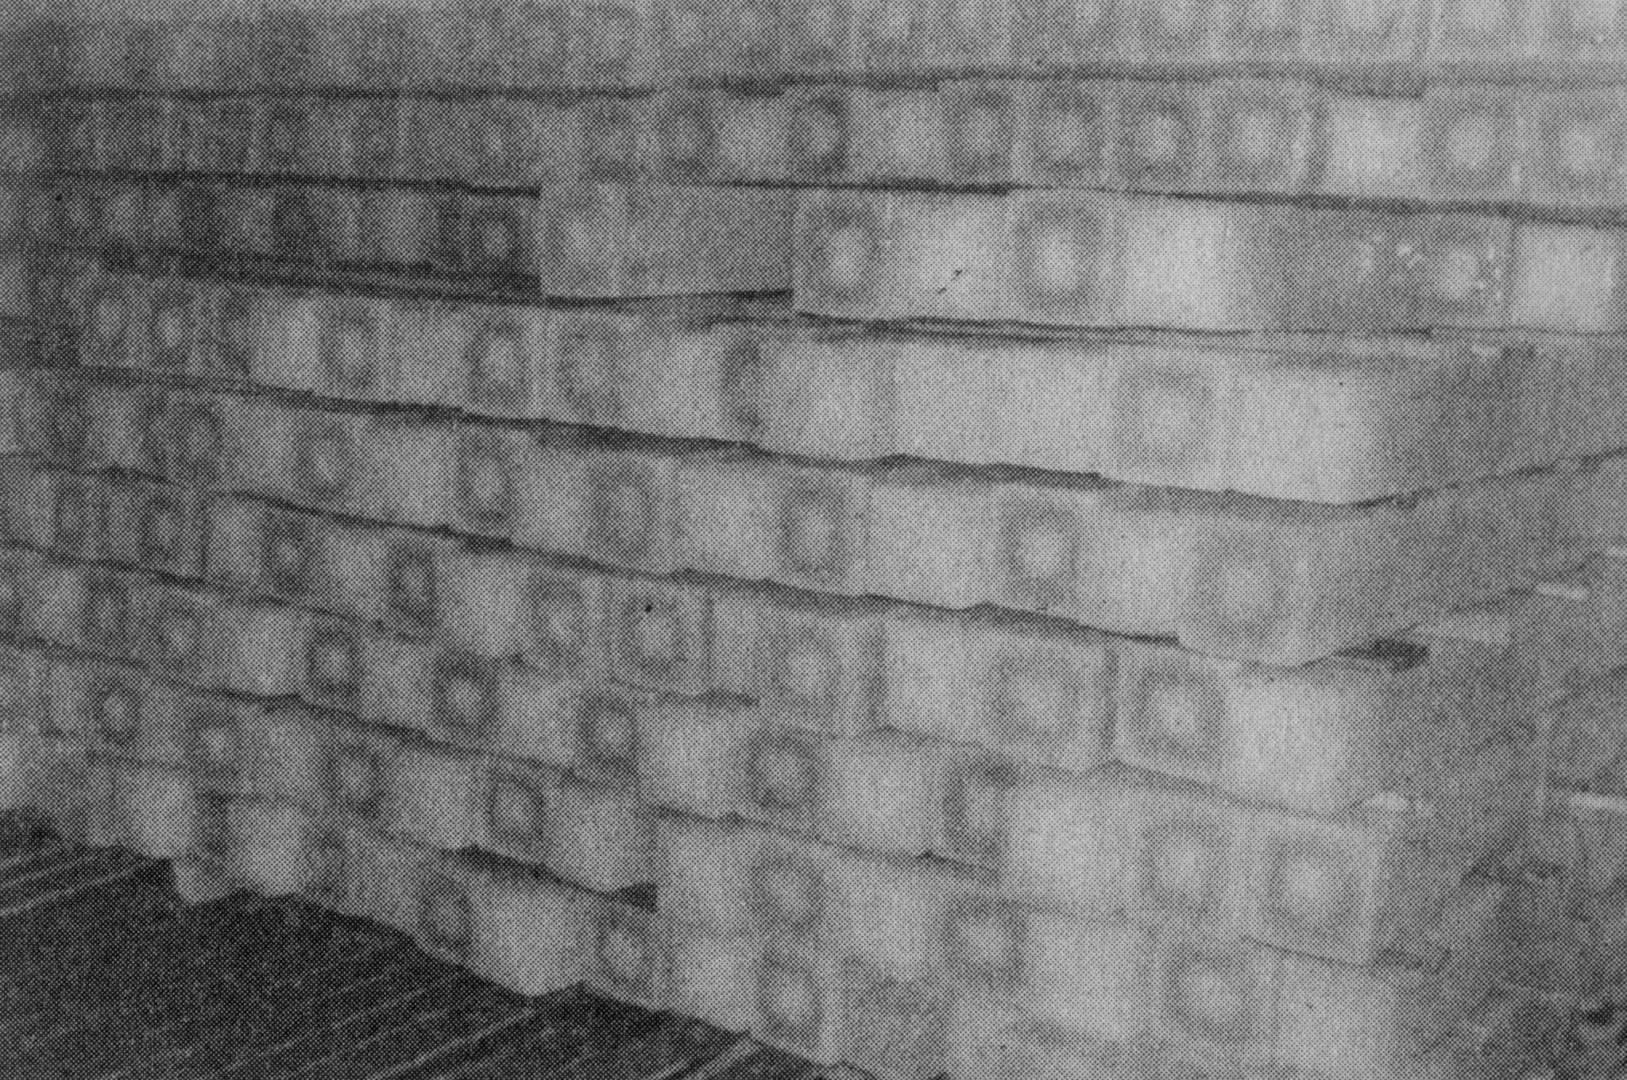 قوالب الثلج في طريقها لسيارات التوزيع.. أرشيفية